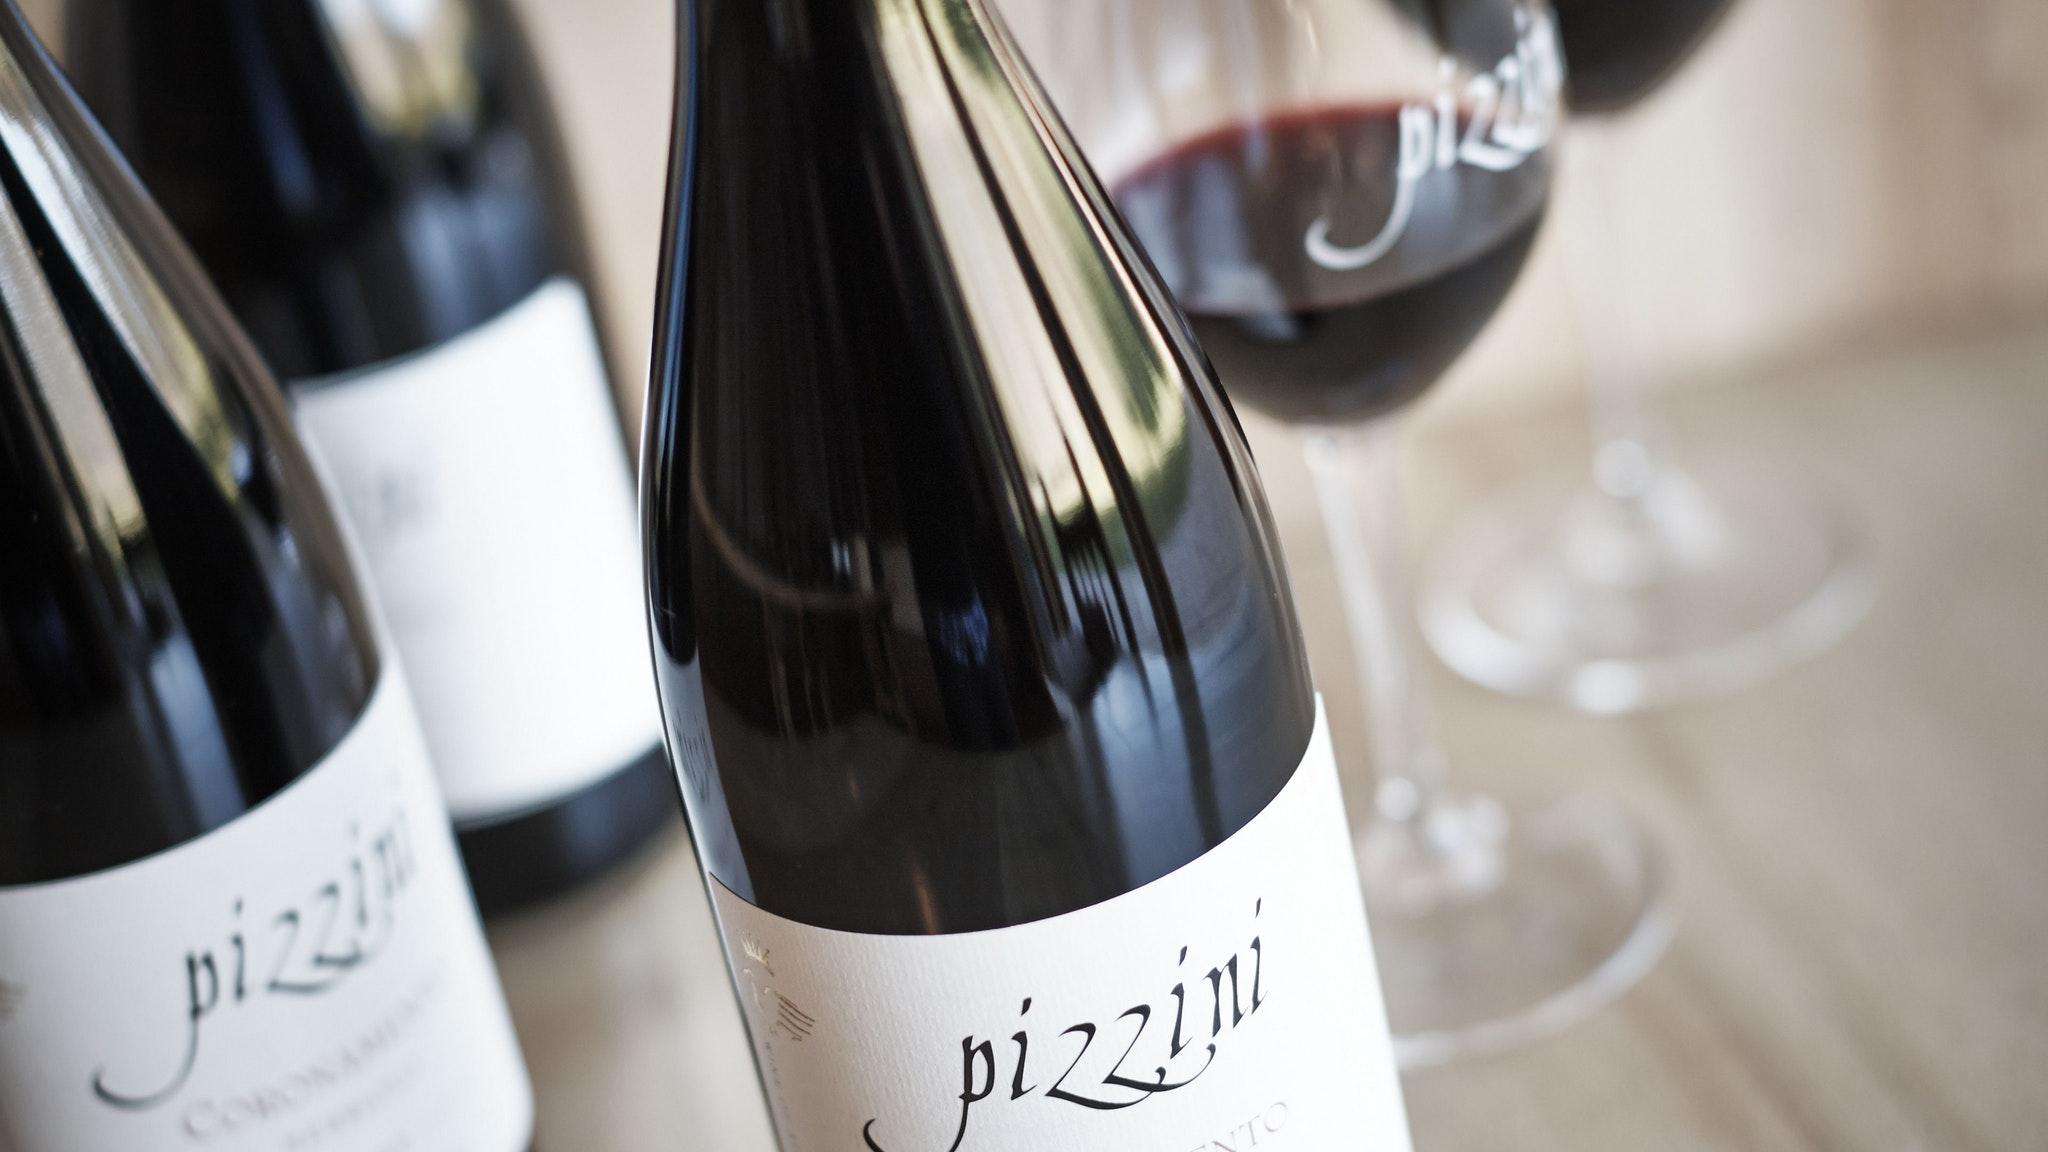 Pizzini Nebbiolo